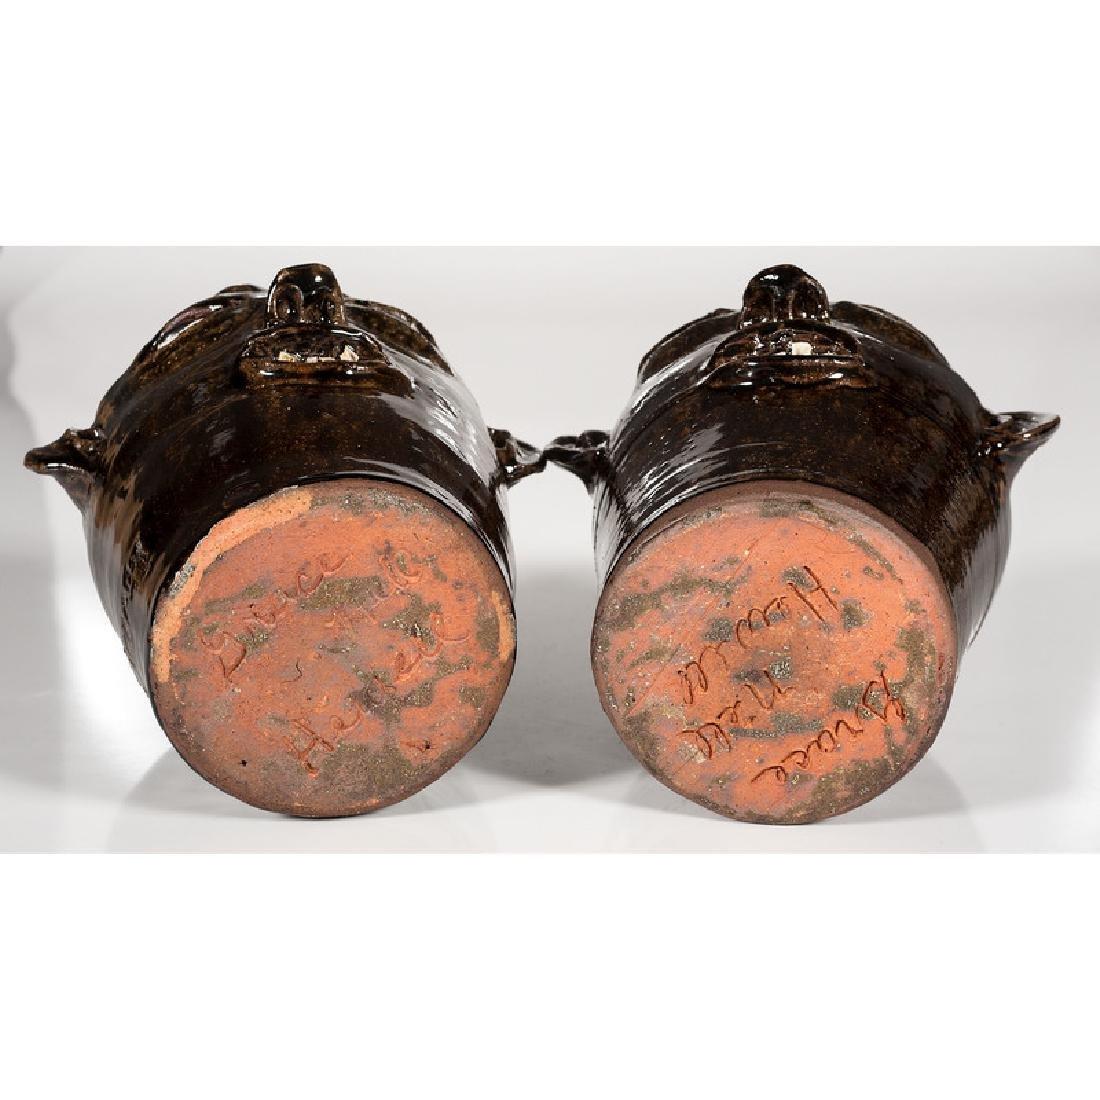 Earthenware Face Jugs by Grace Nell Hewell - 6